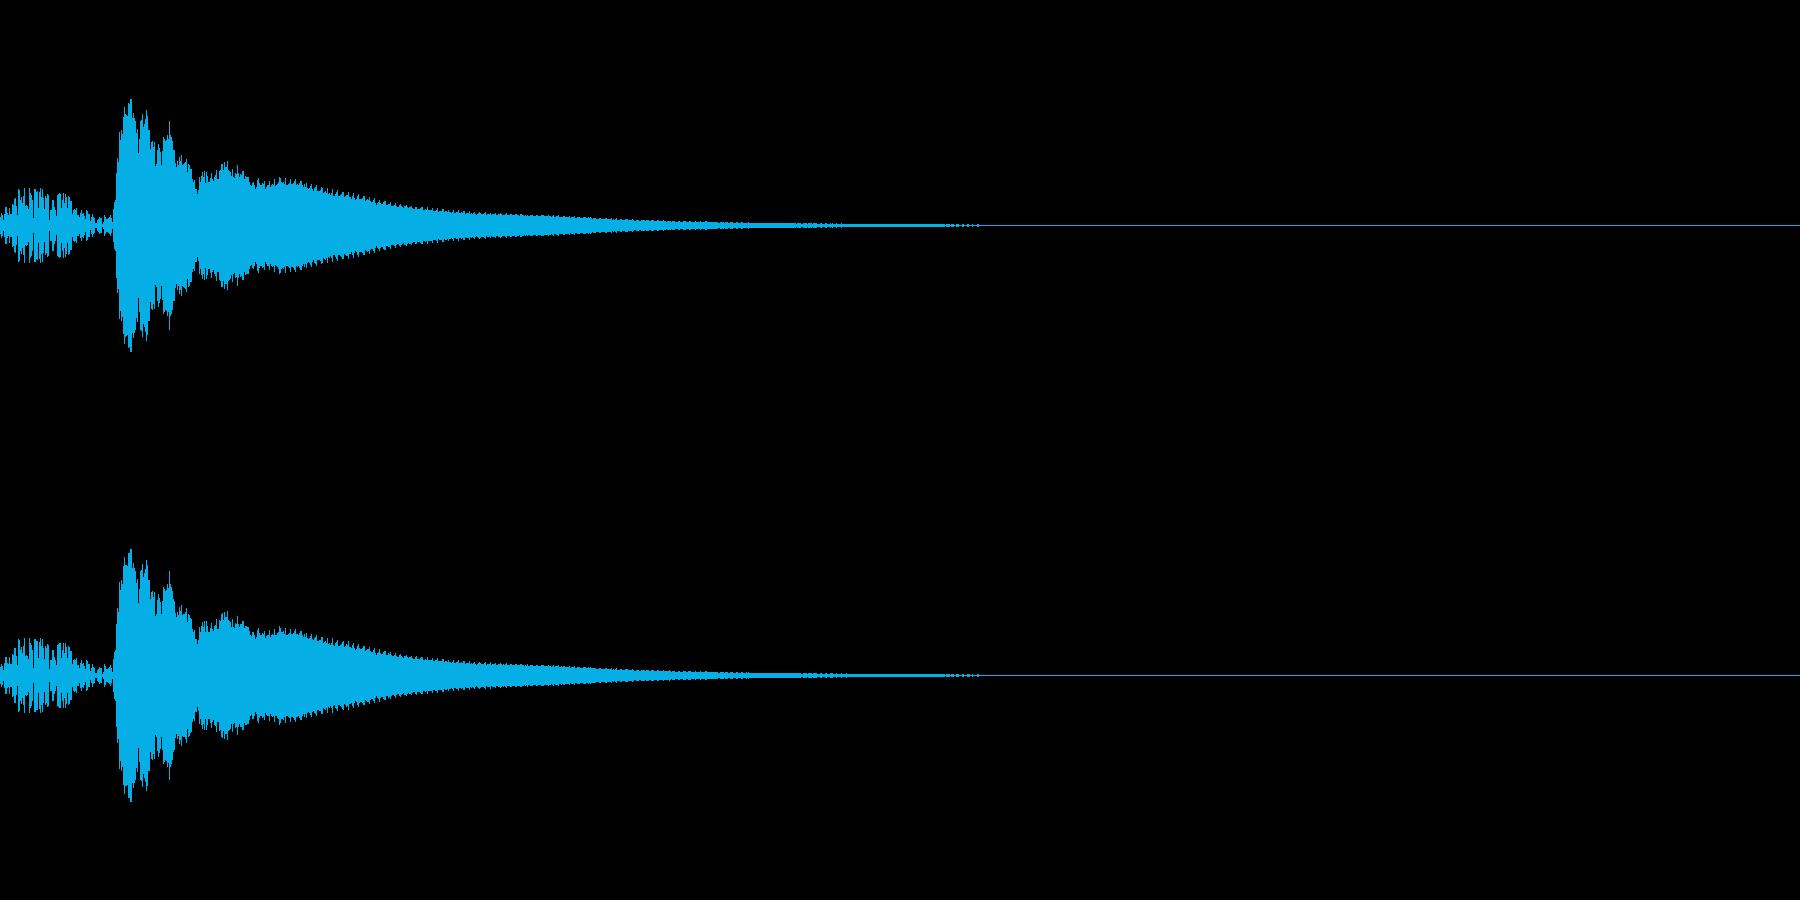 カーソル移動音2 文字 入力 楽しい 和の再生済みの波形